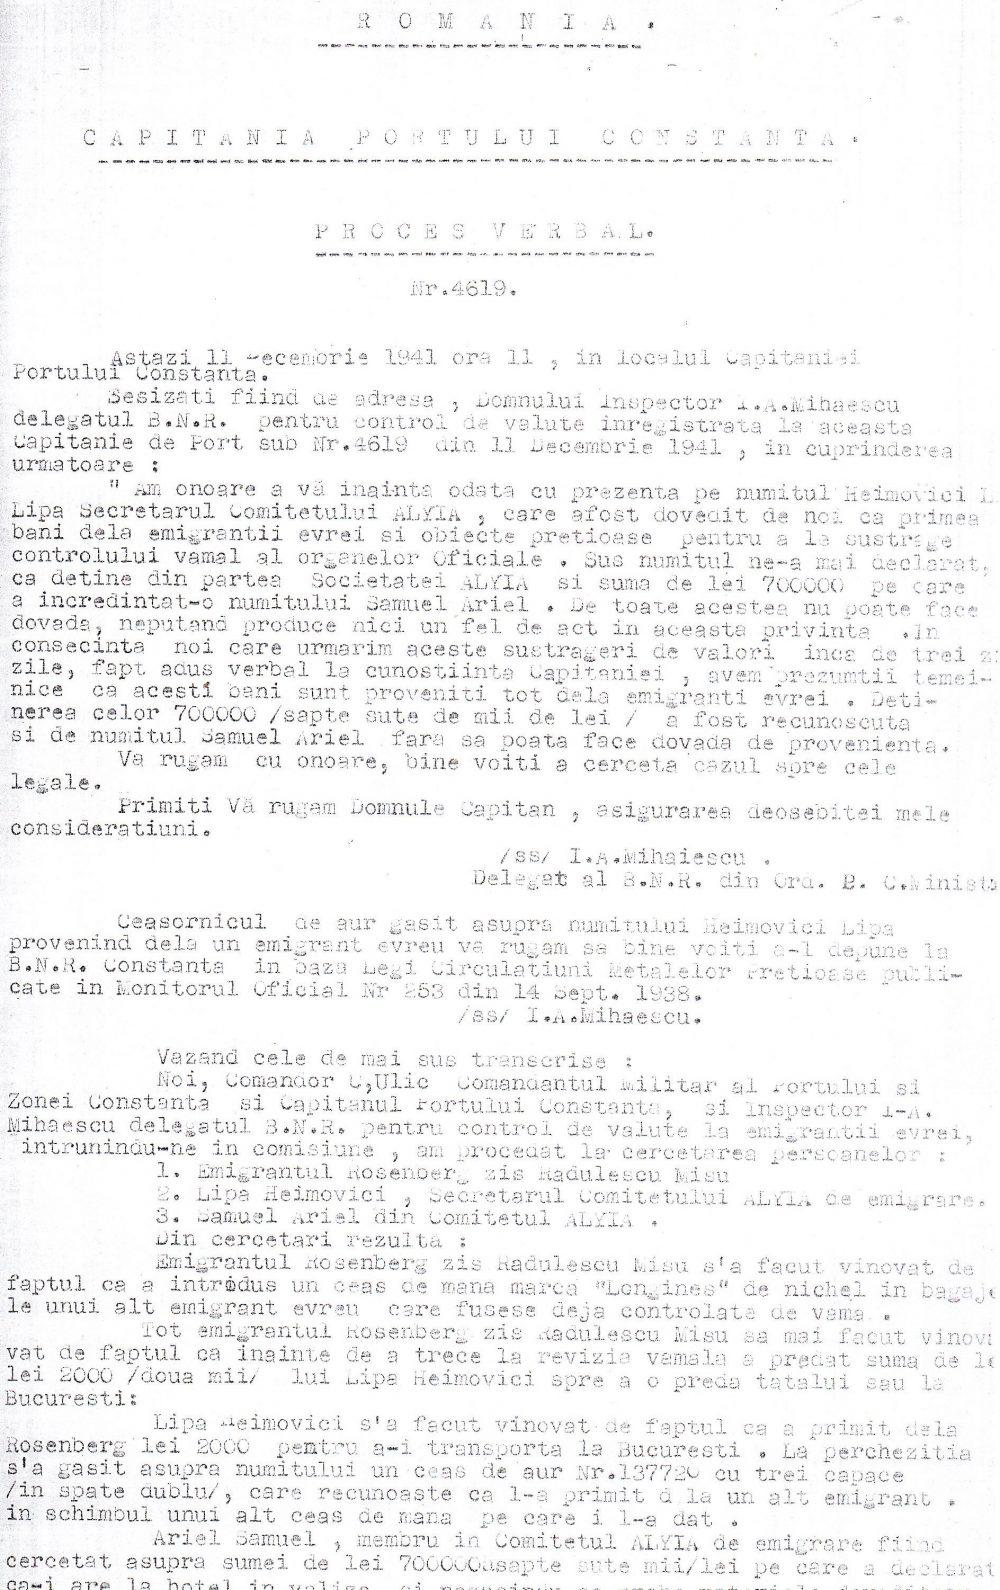 Proces verbal de constatare a faptului ca numitul Lipa Heimovici primea bani de la emigranți.